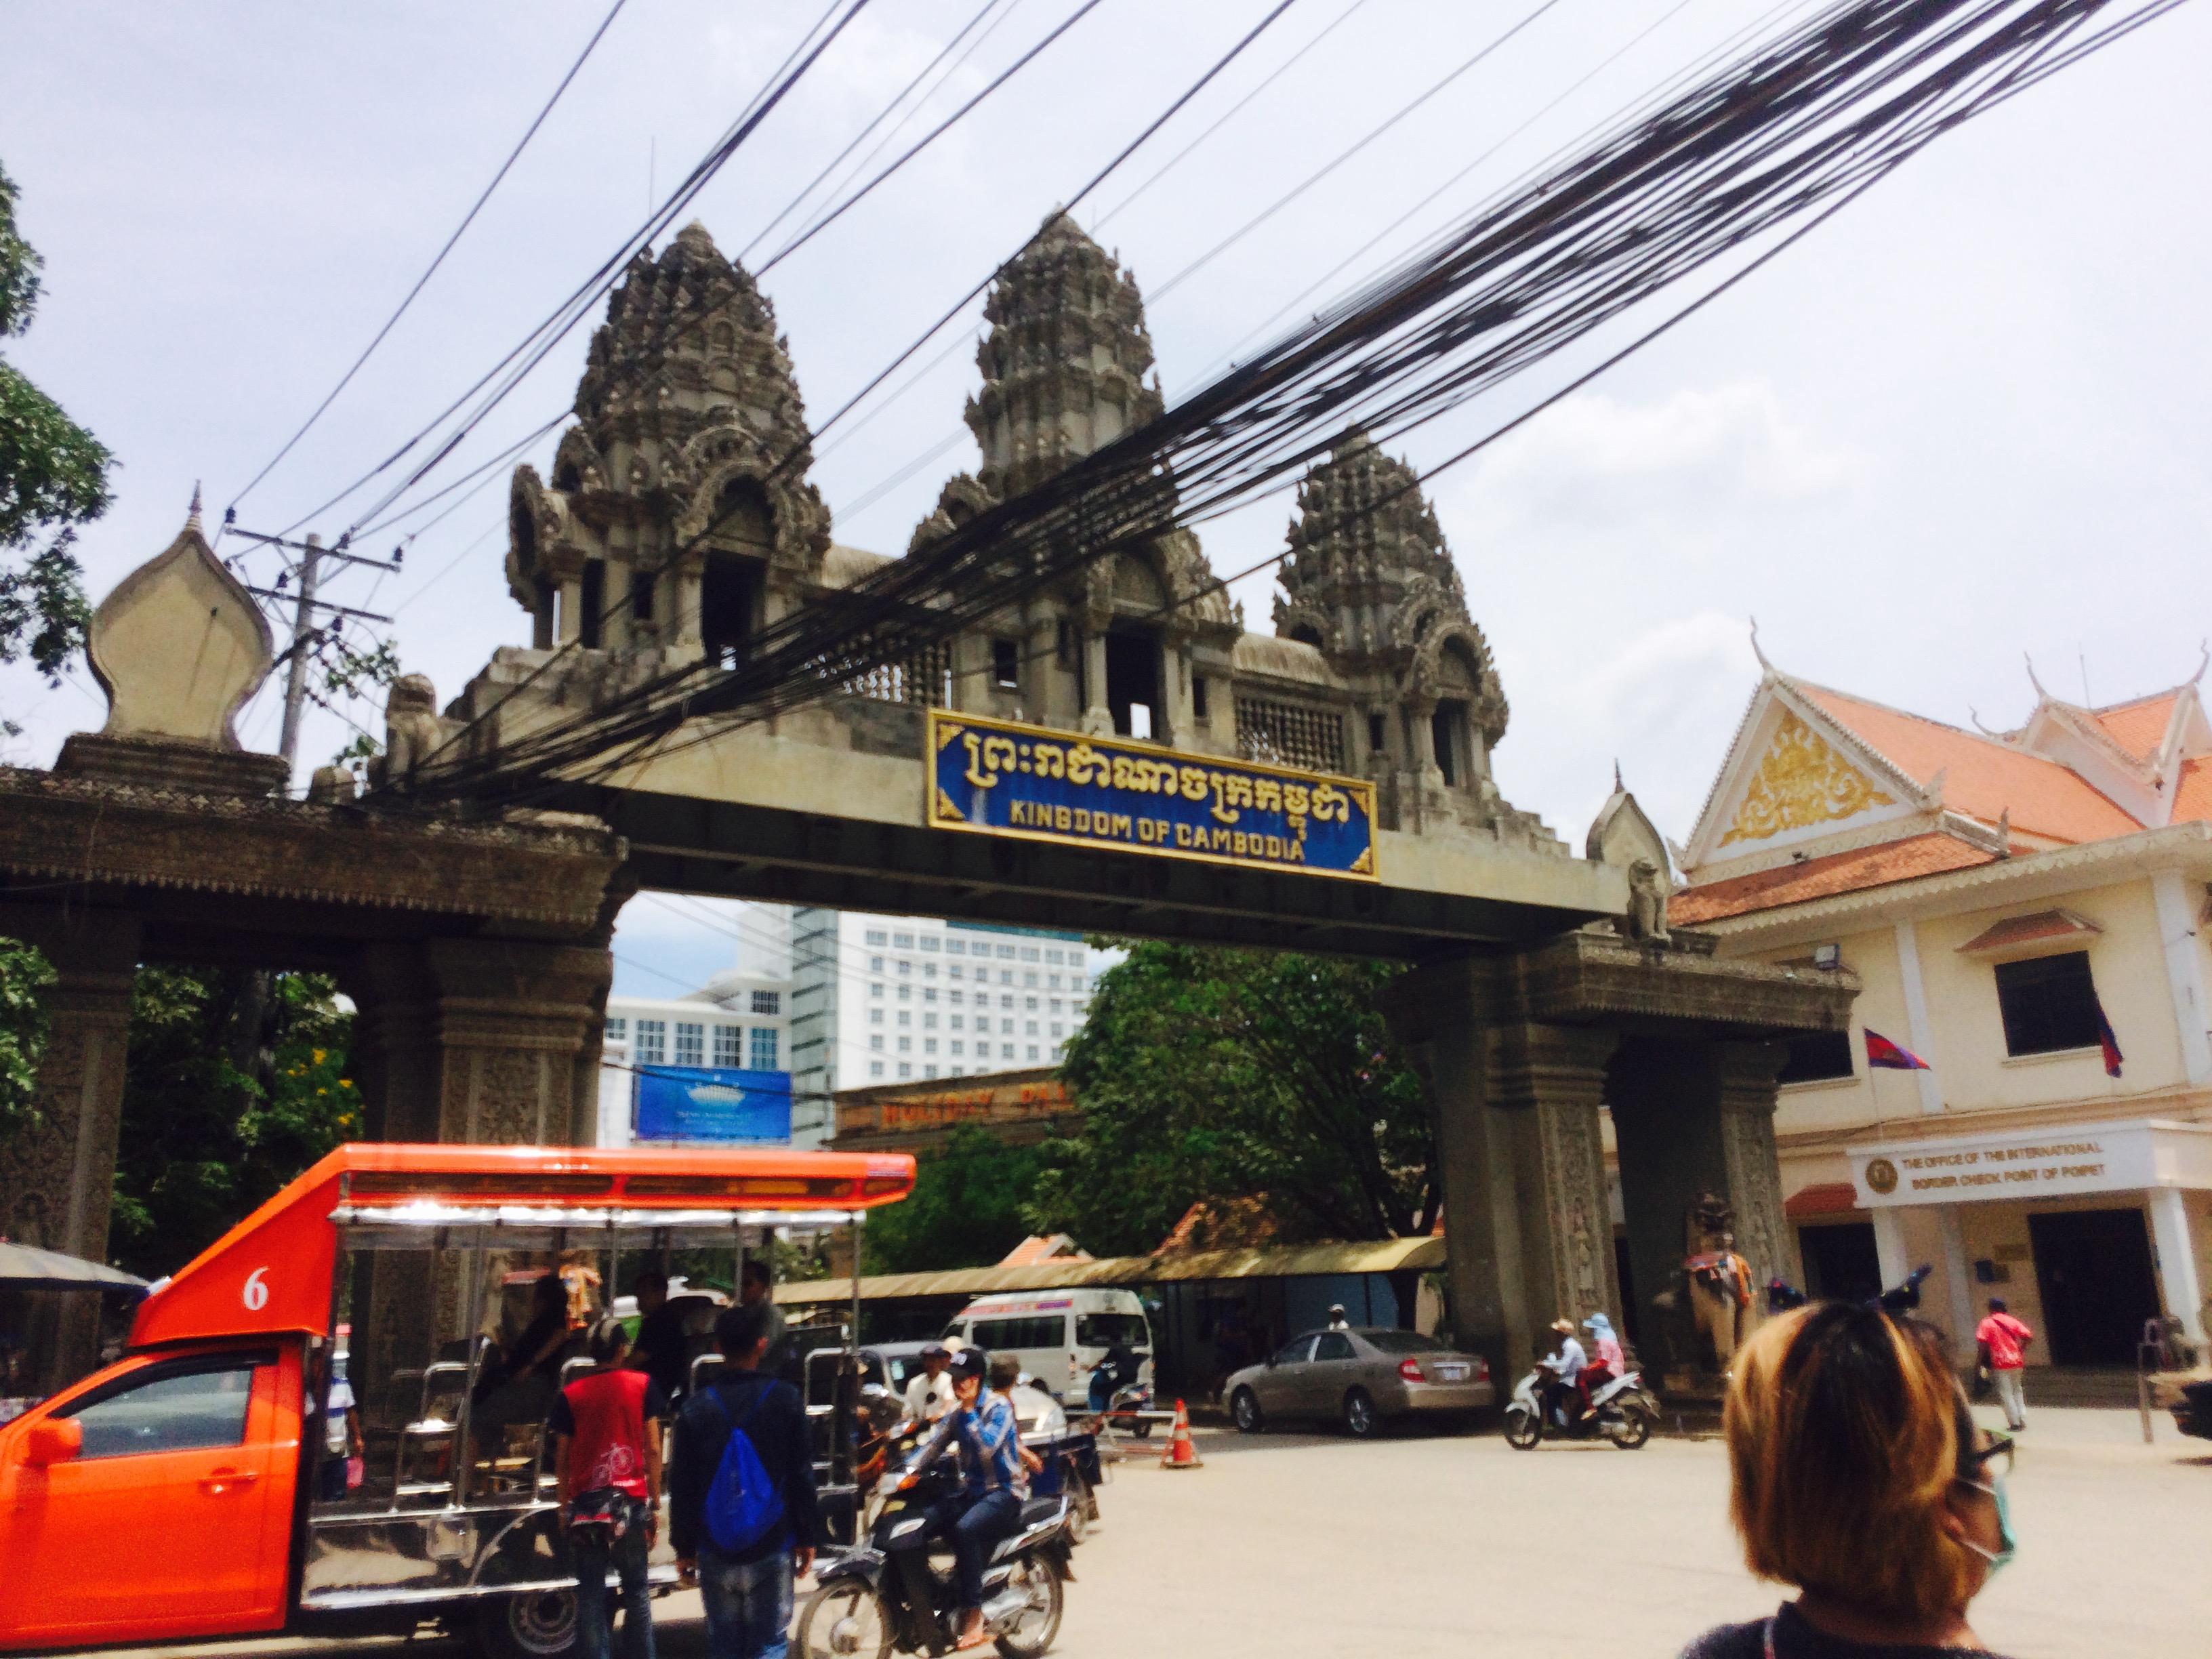 【タイ〜カンボジア移動】経費約¥1300。電車を乗り継いで陸路で行く方法。